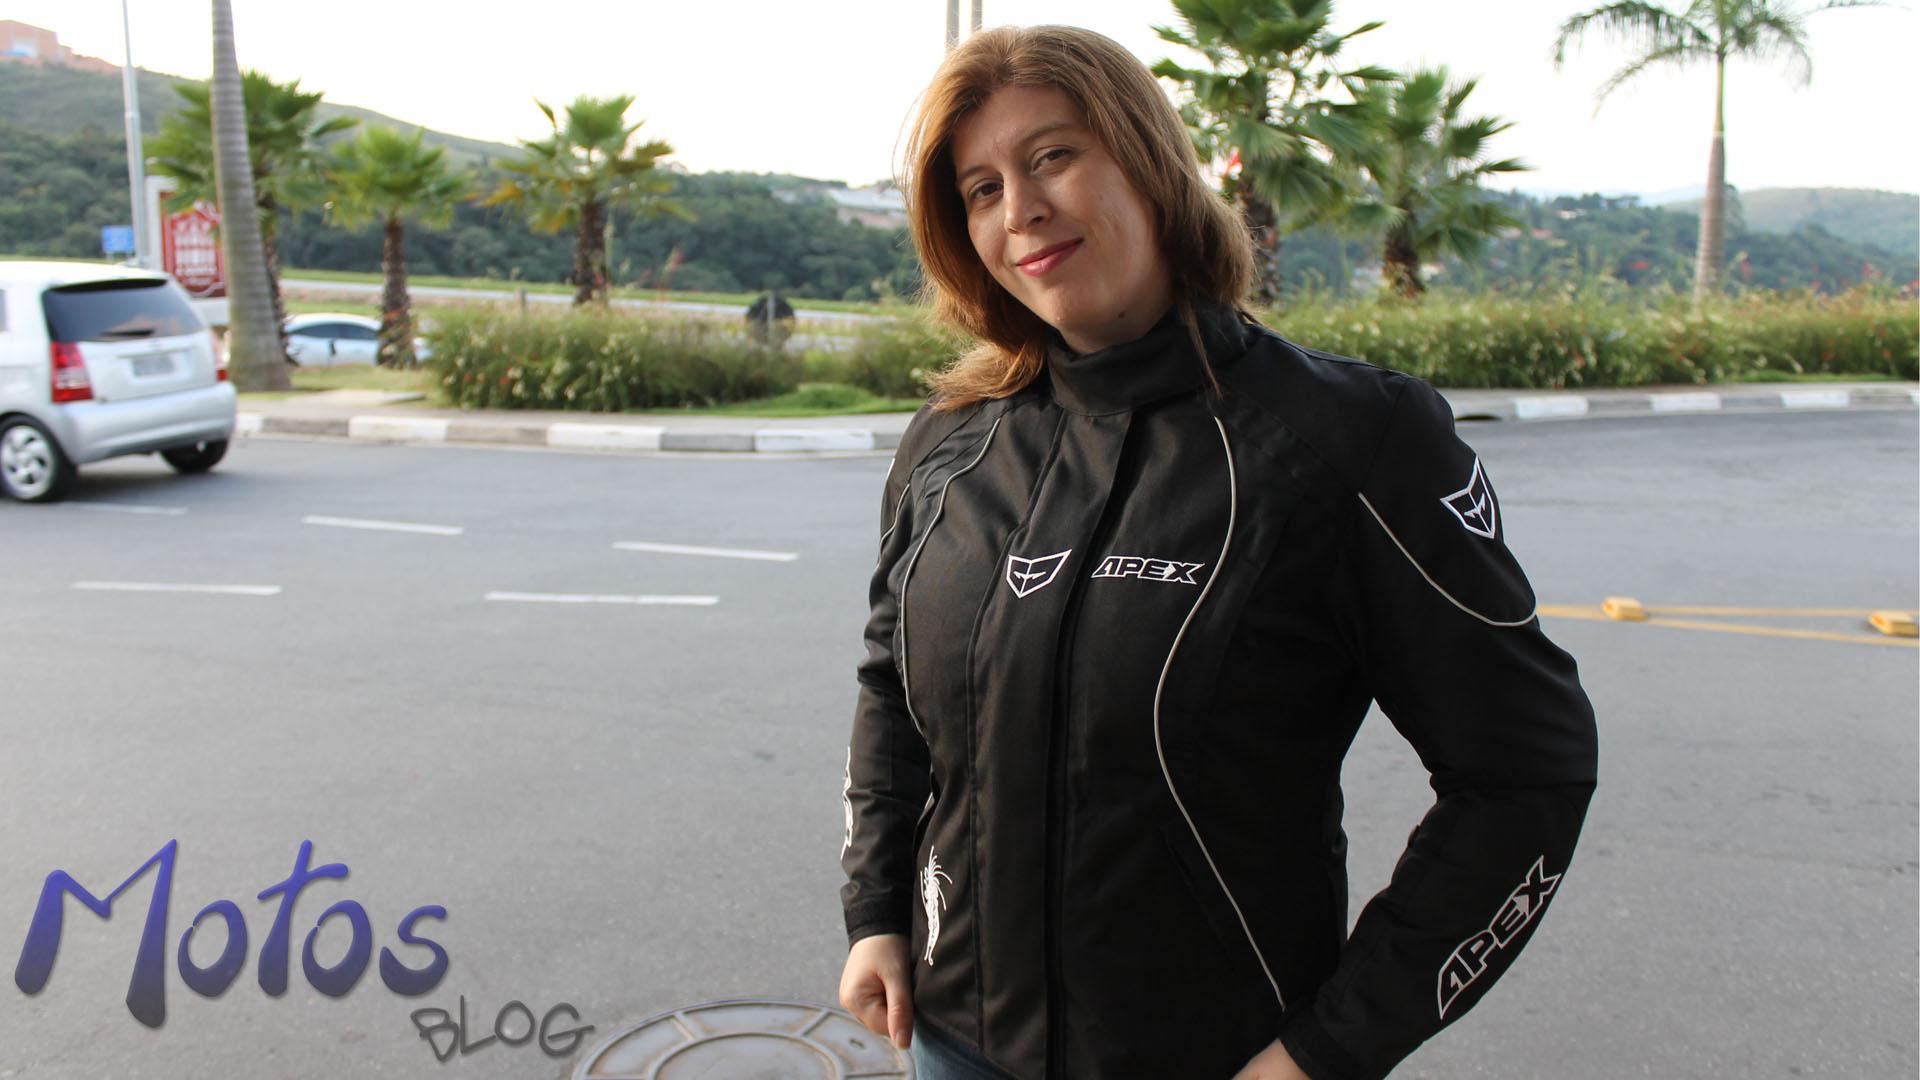 Jaqueta feminina Apex Mizar - Frente